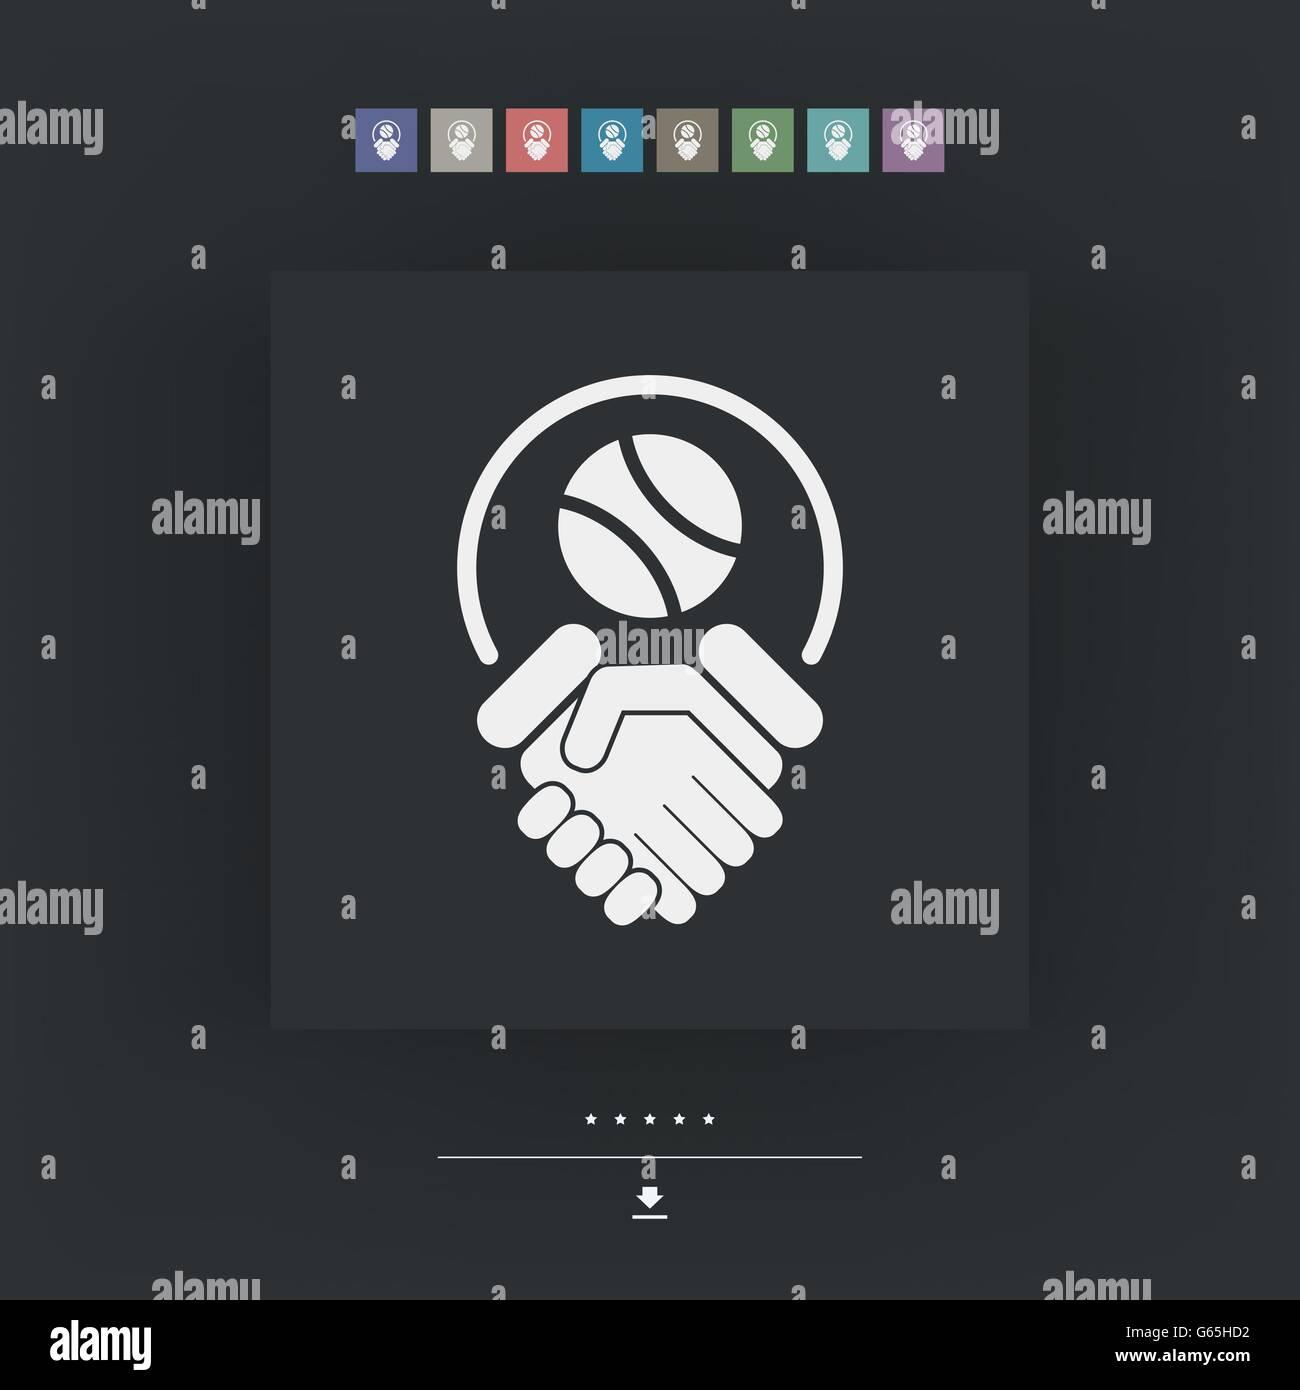 Tennis fairplay - Stock Image